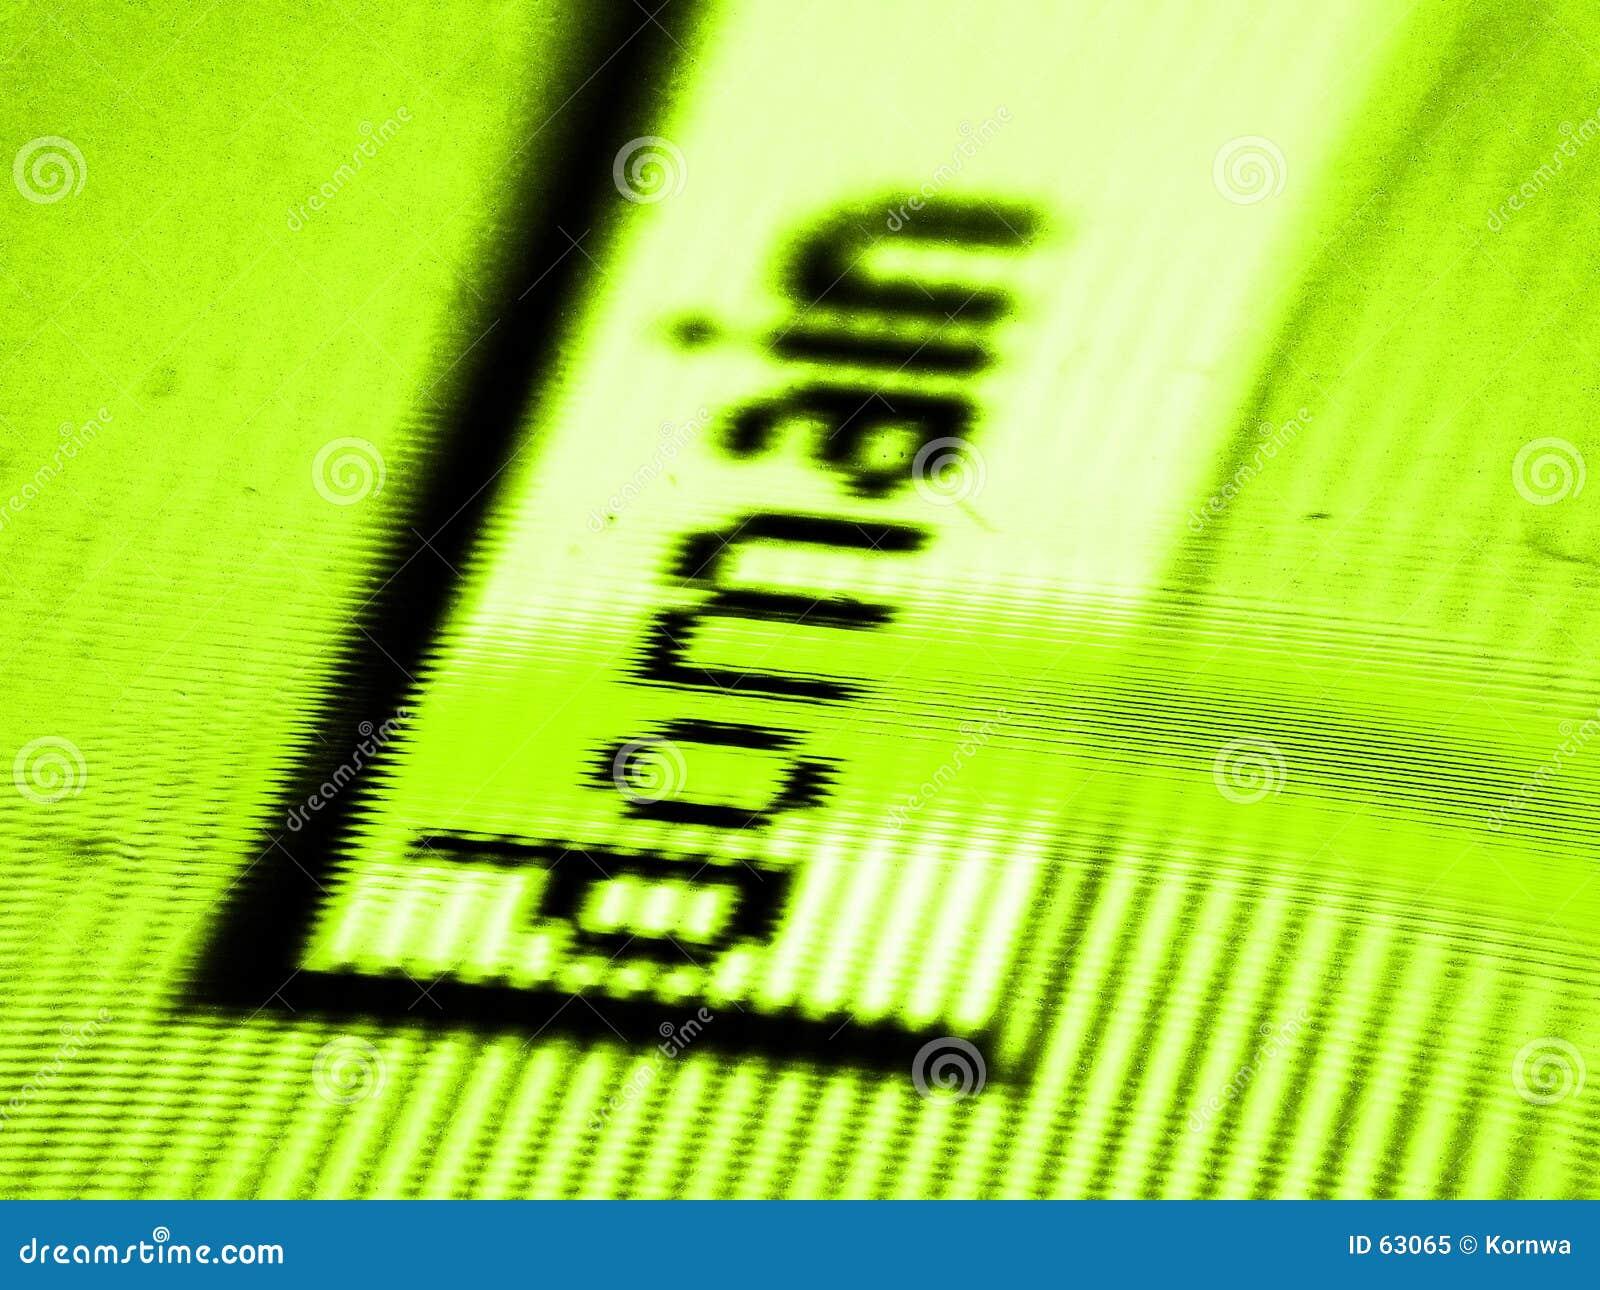 Download Projectile d'écran image stock. Image du commercial, blurs - 63065